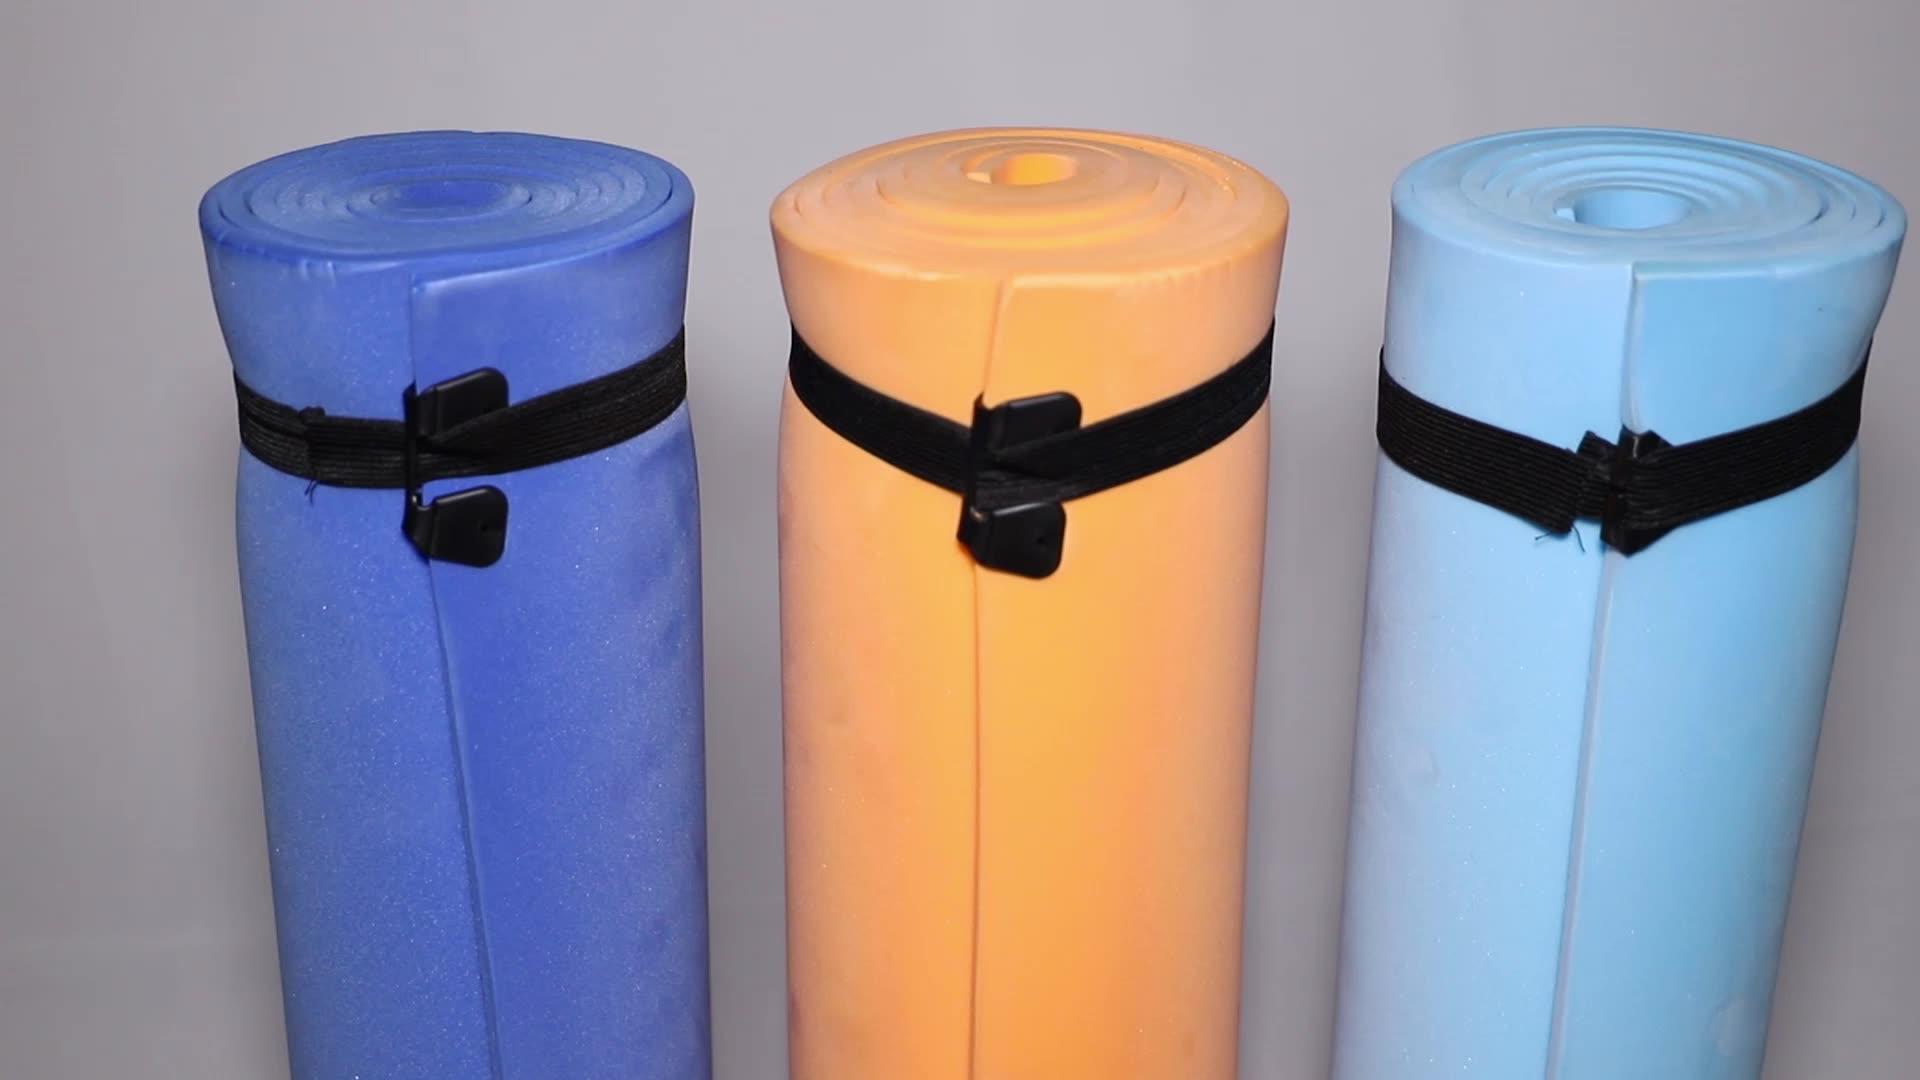 Hoge Kwaliteit Dichtheid Outdoor Gym Mat Fabricage Waterdicht Anti Slip Yoga Mat Roll